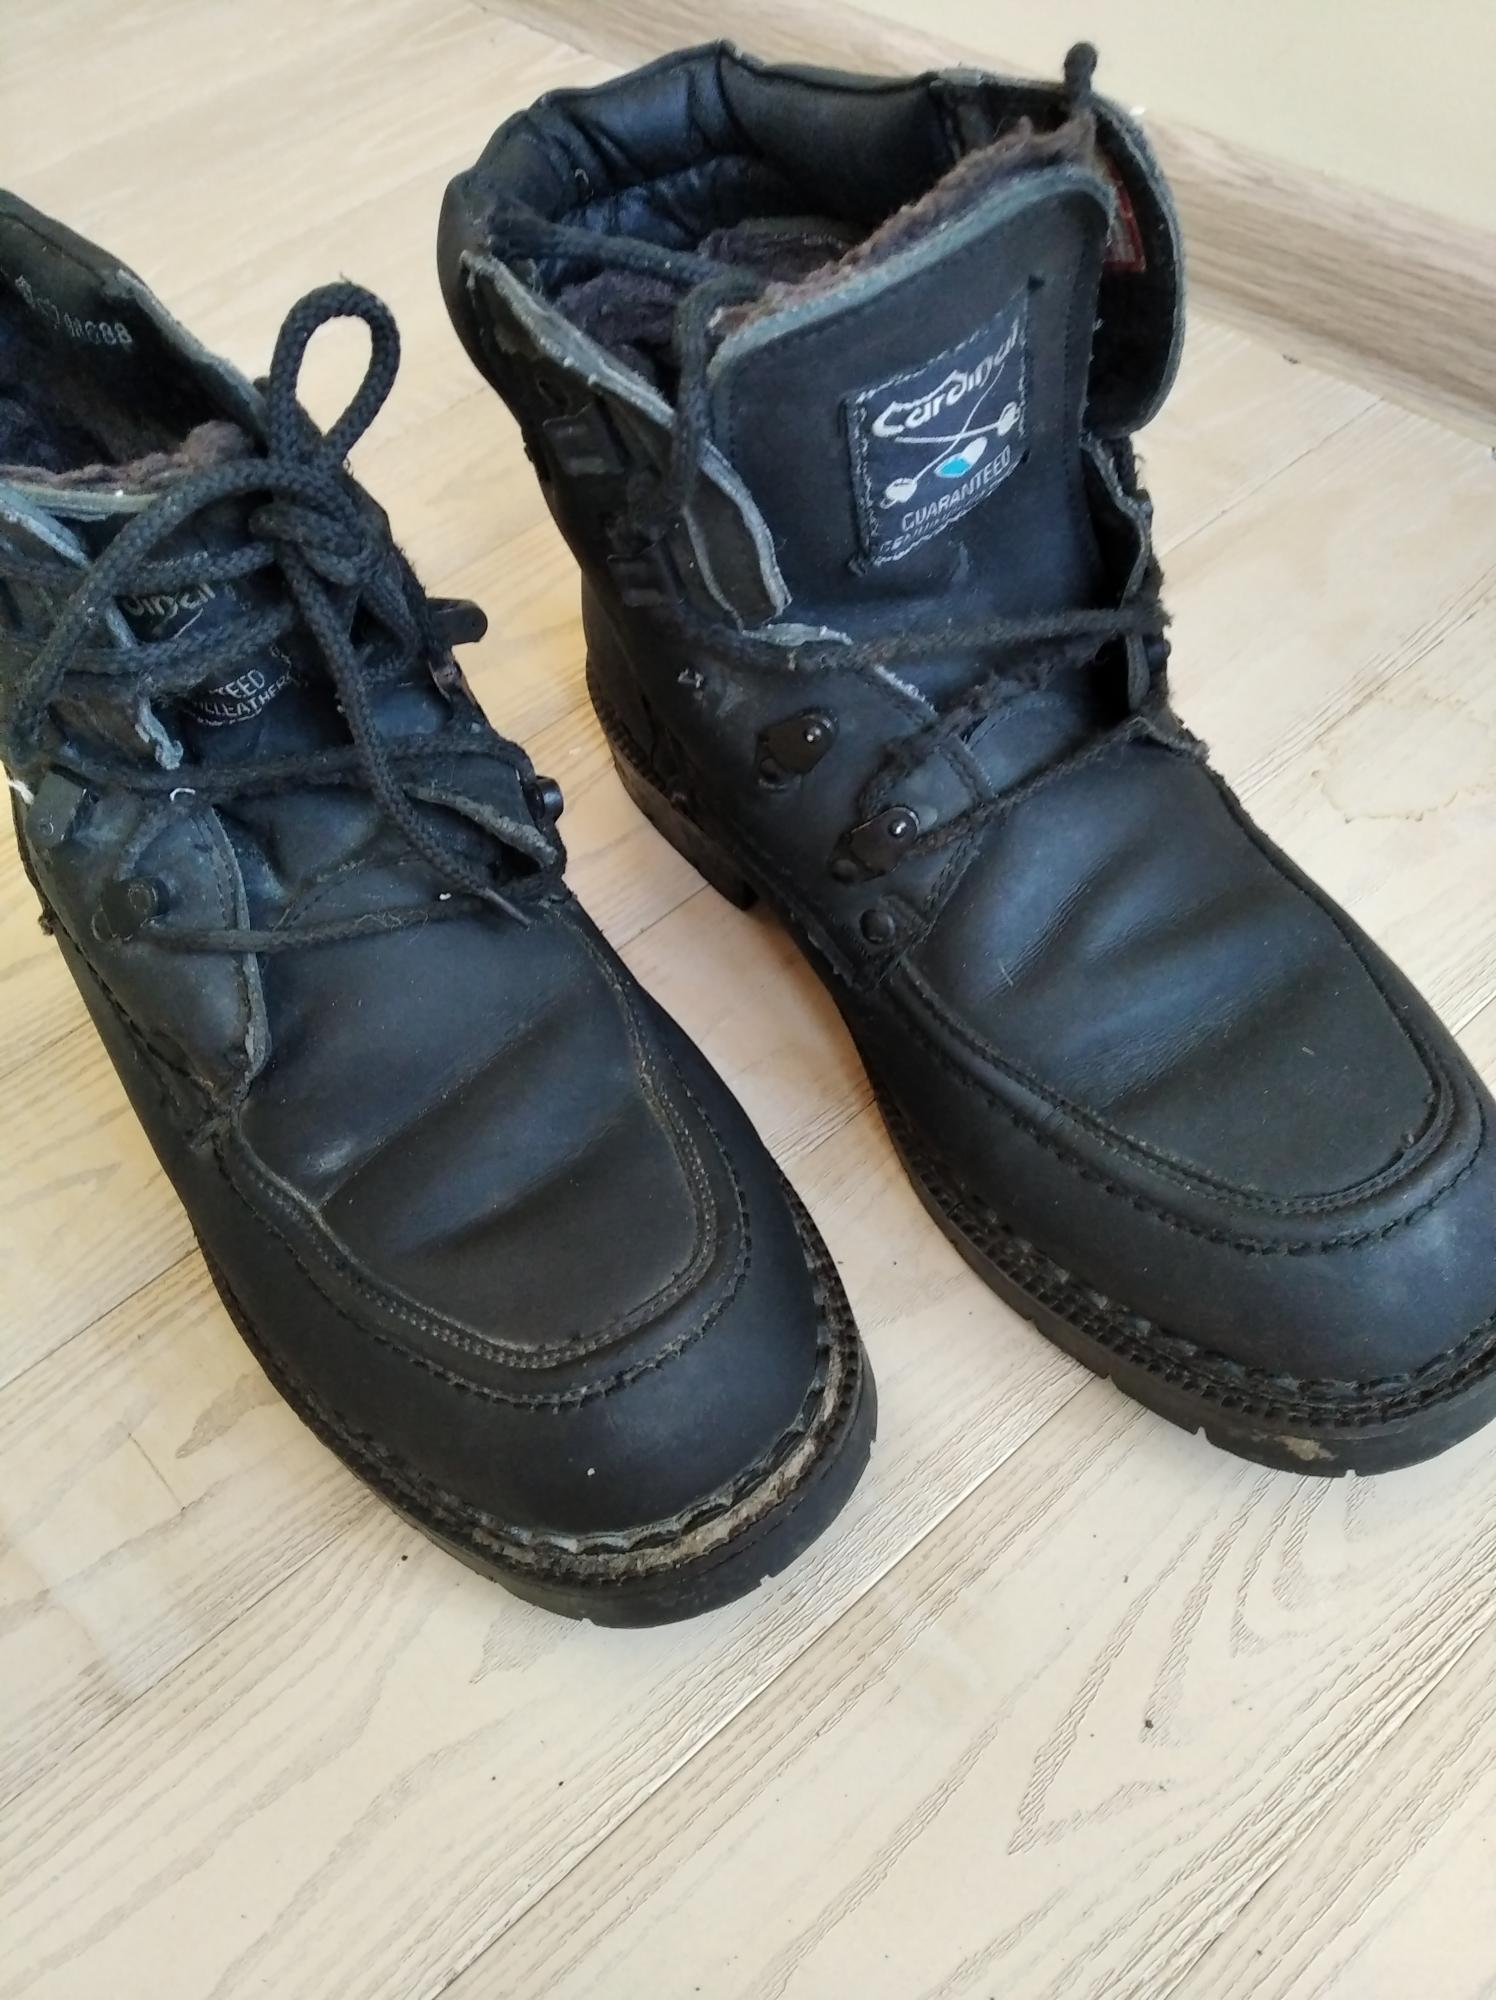 Ботинки в Тюмени 89088740737 купить 2